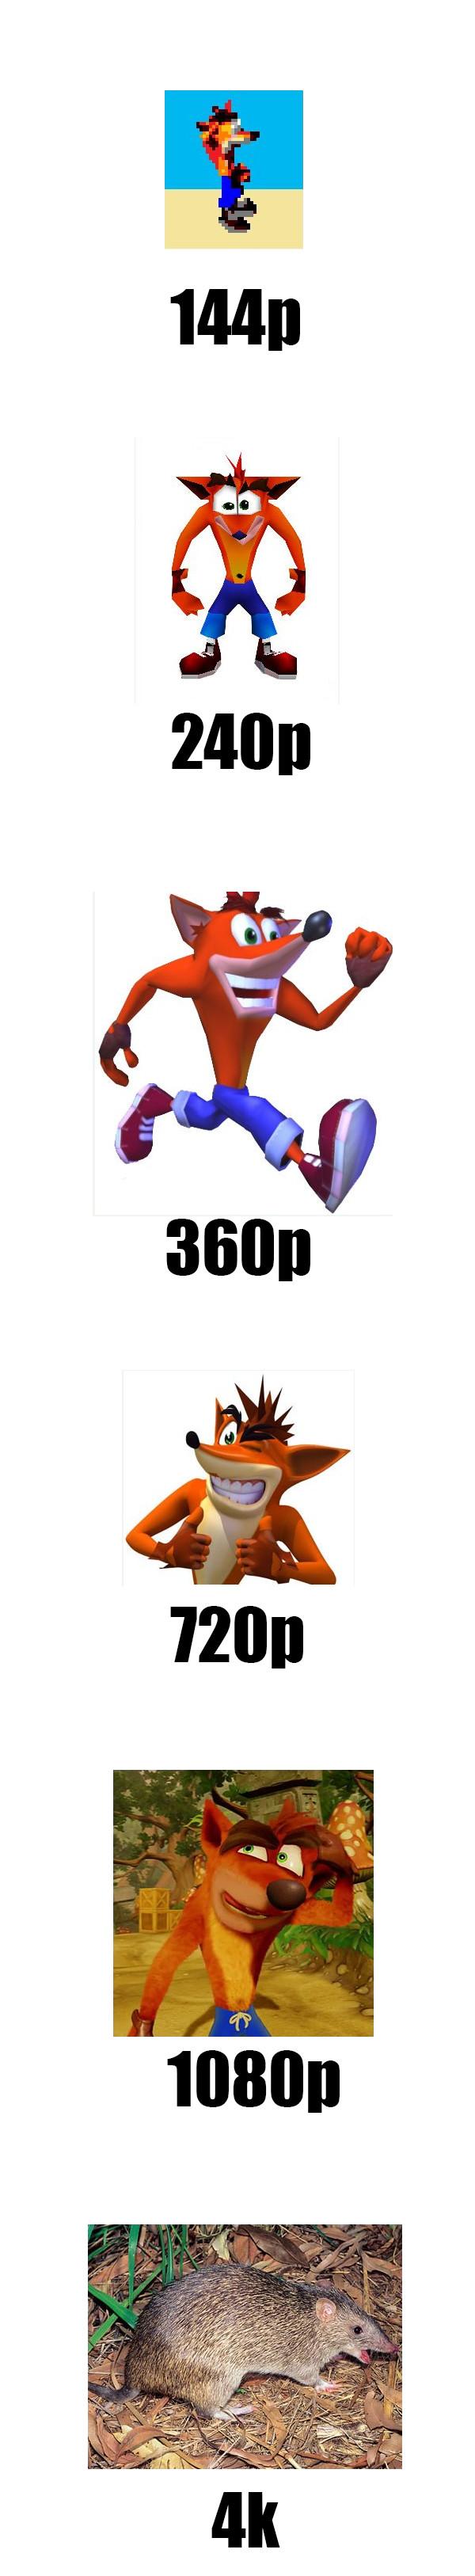 Meme_otros - La evolución de Crash Bandicoot